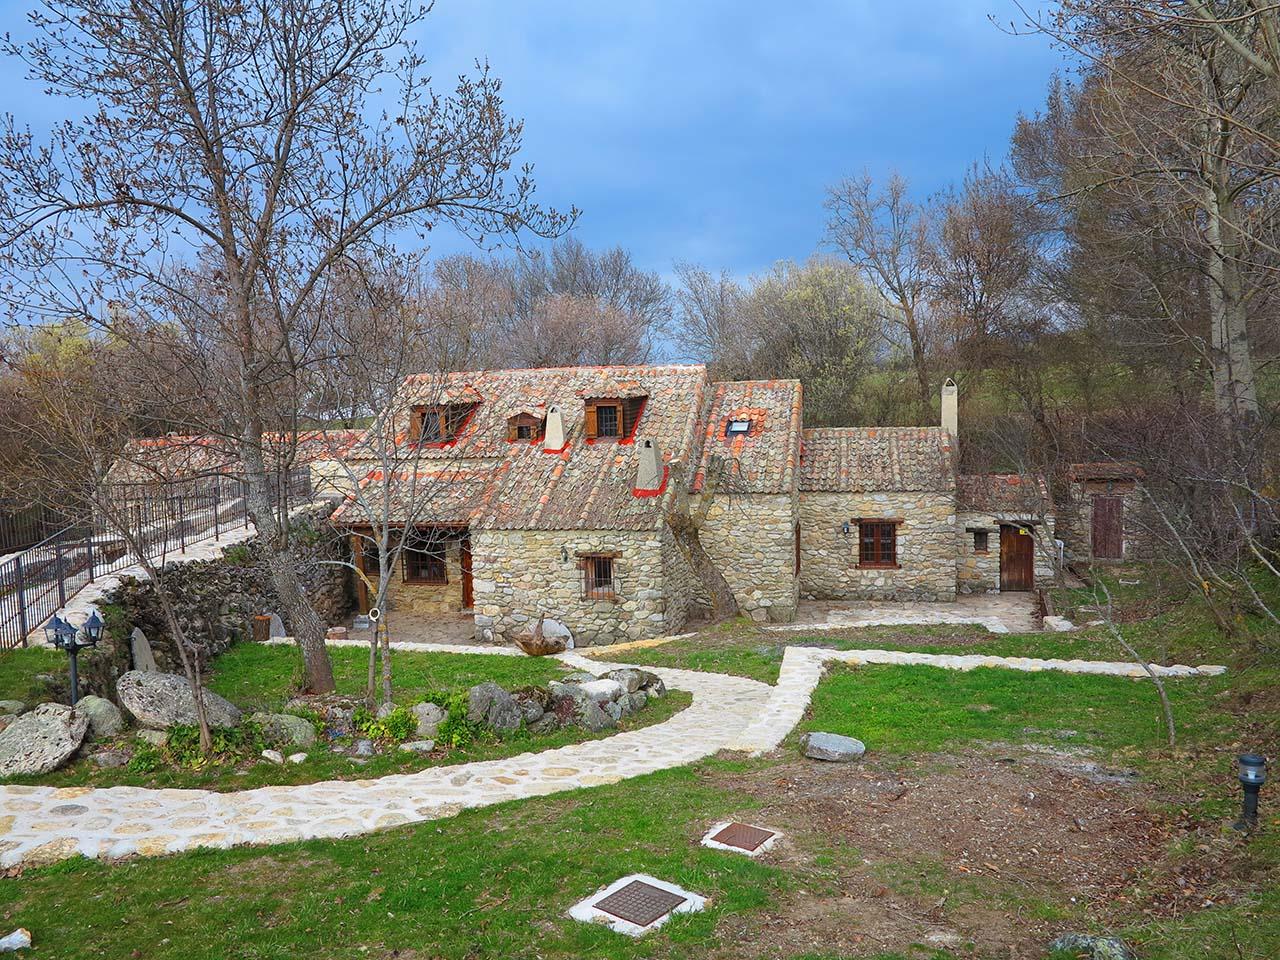 La Casa del Molino, alquiler de casa rural con jardín y piscina en Segovia, Ortigosa del Monte Ref.. la-casa-del-molino